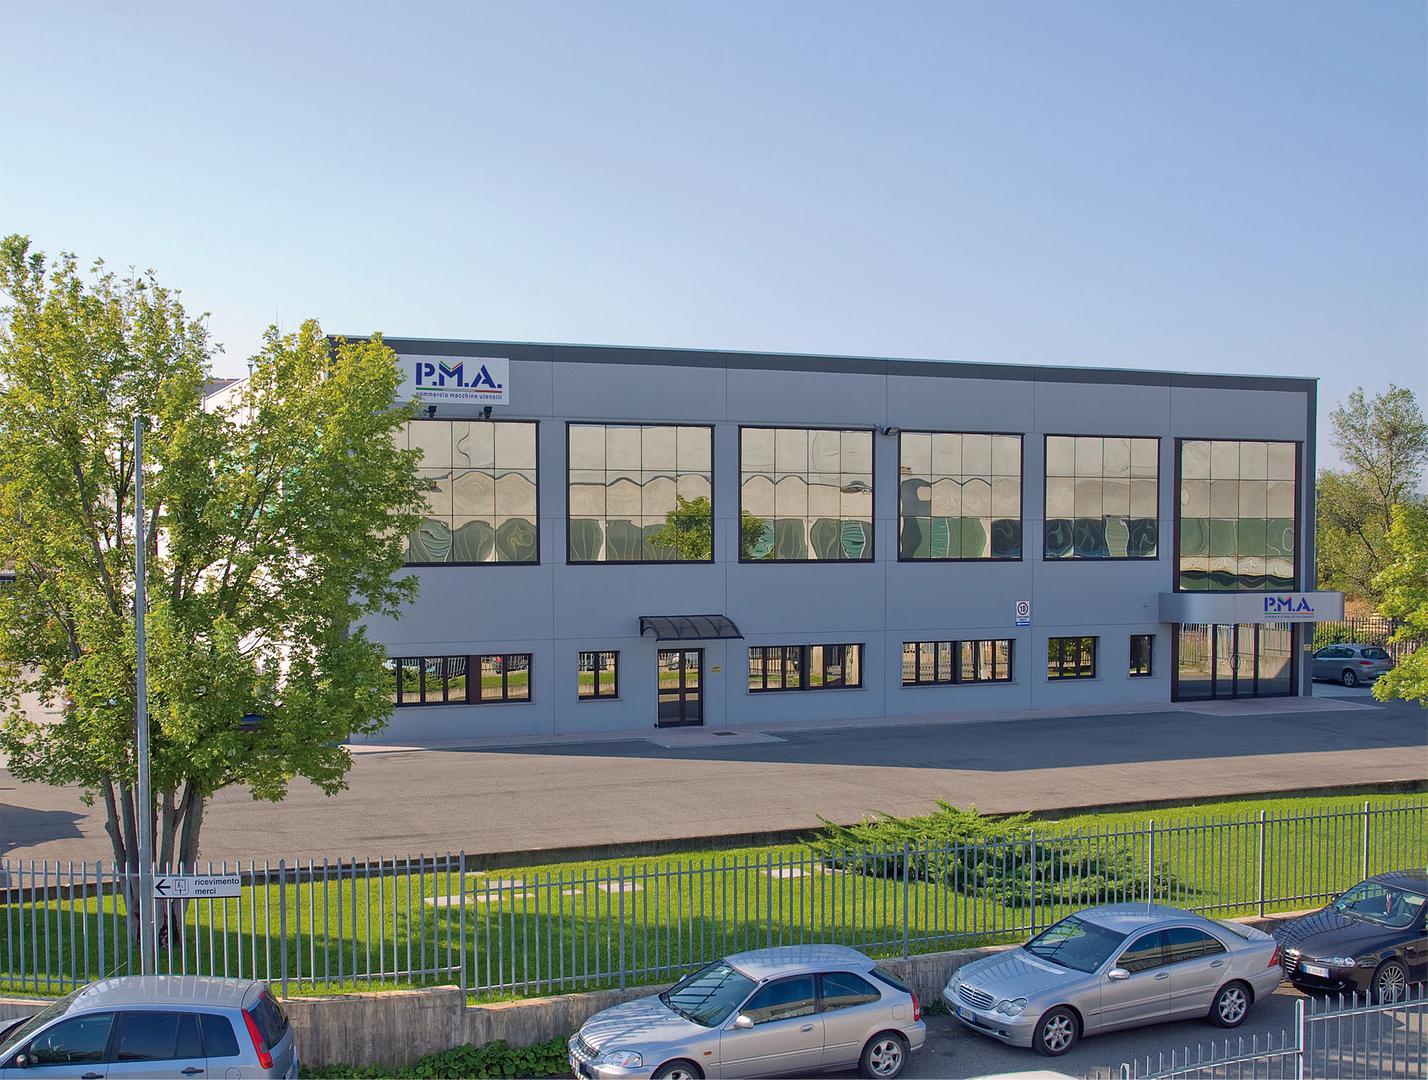 P.M.A. Building